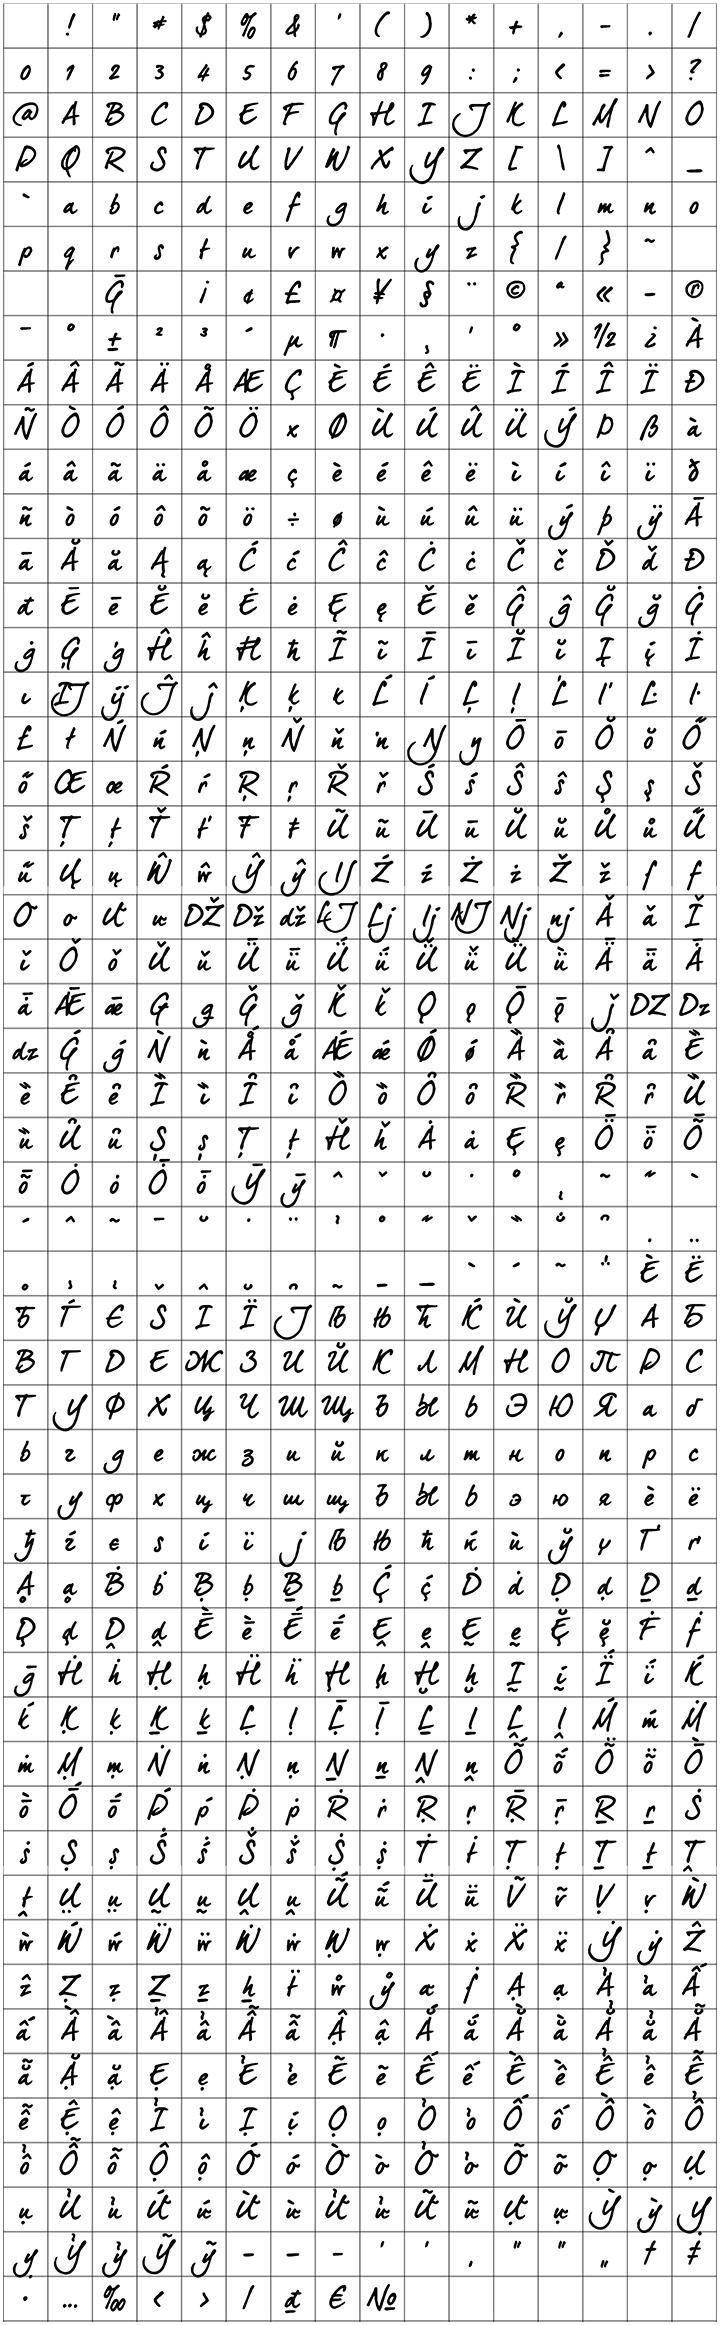 Glyphset_DEARJOE5_CPROBOLD